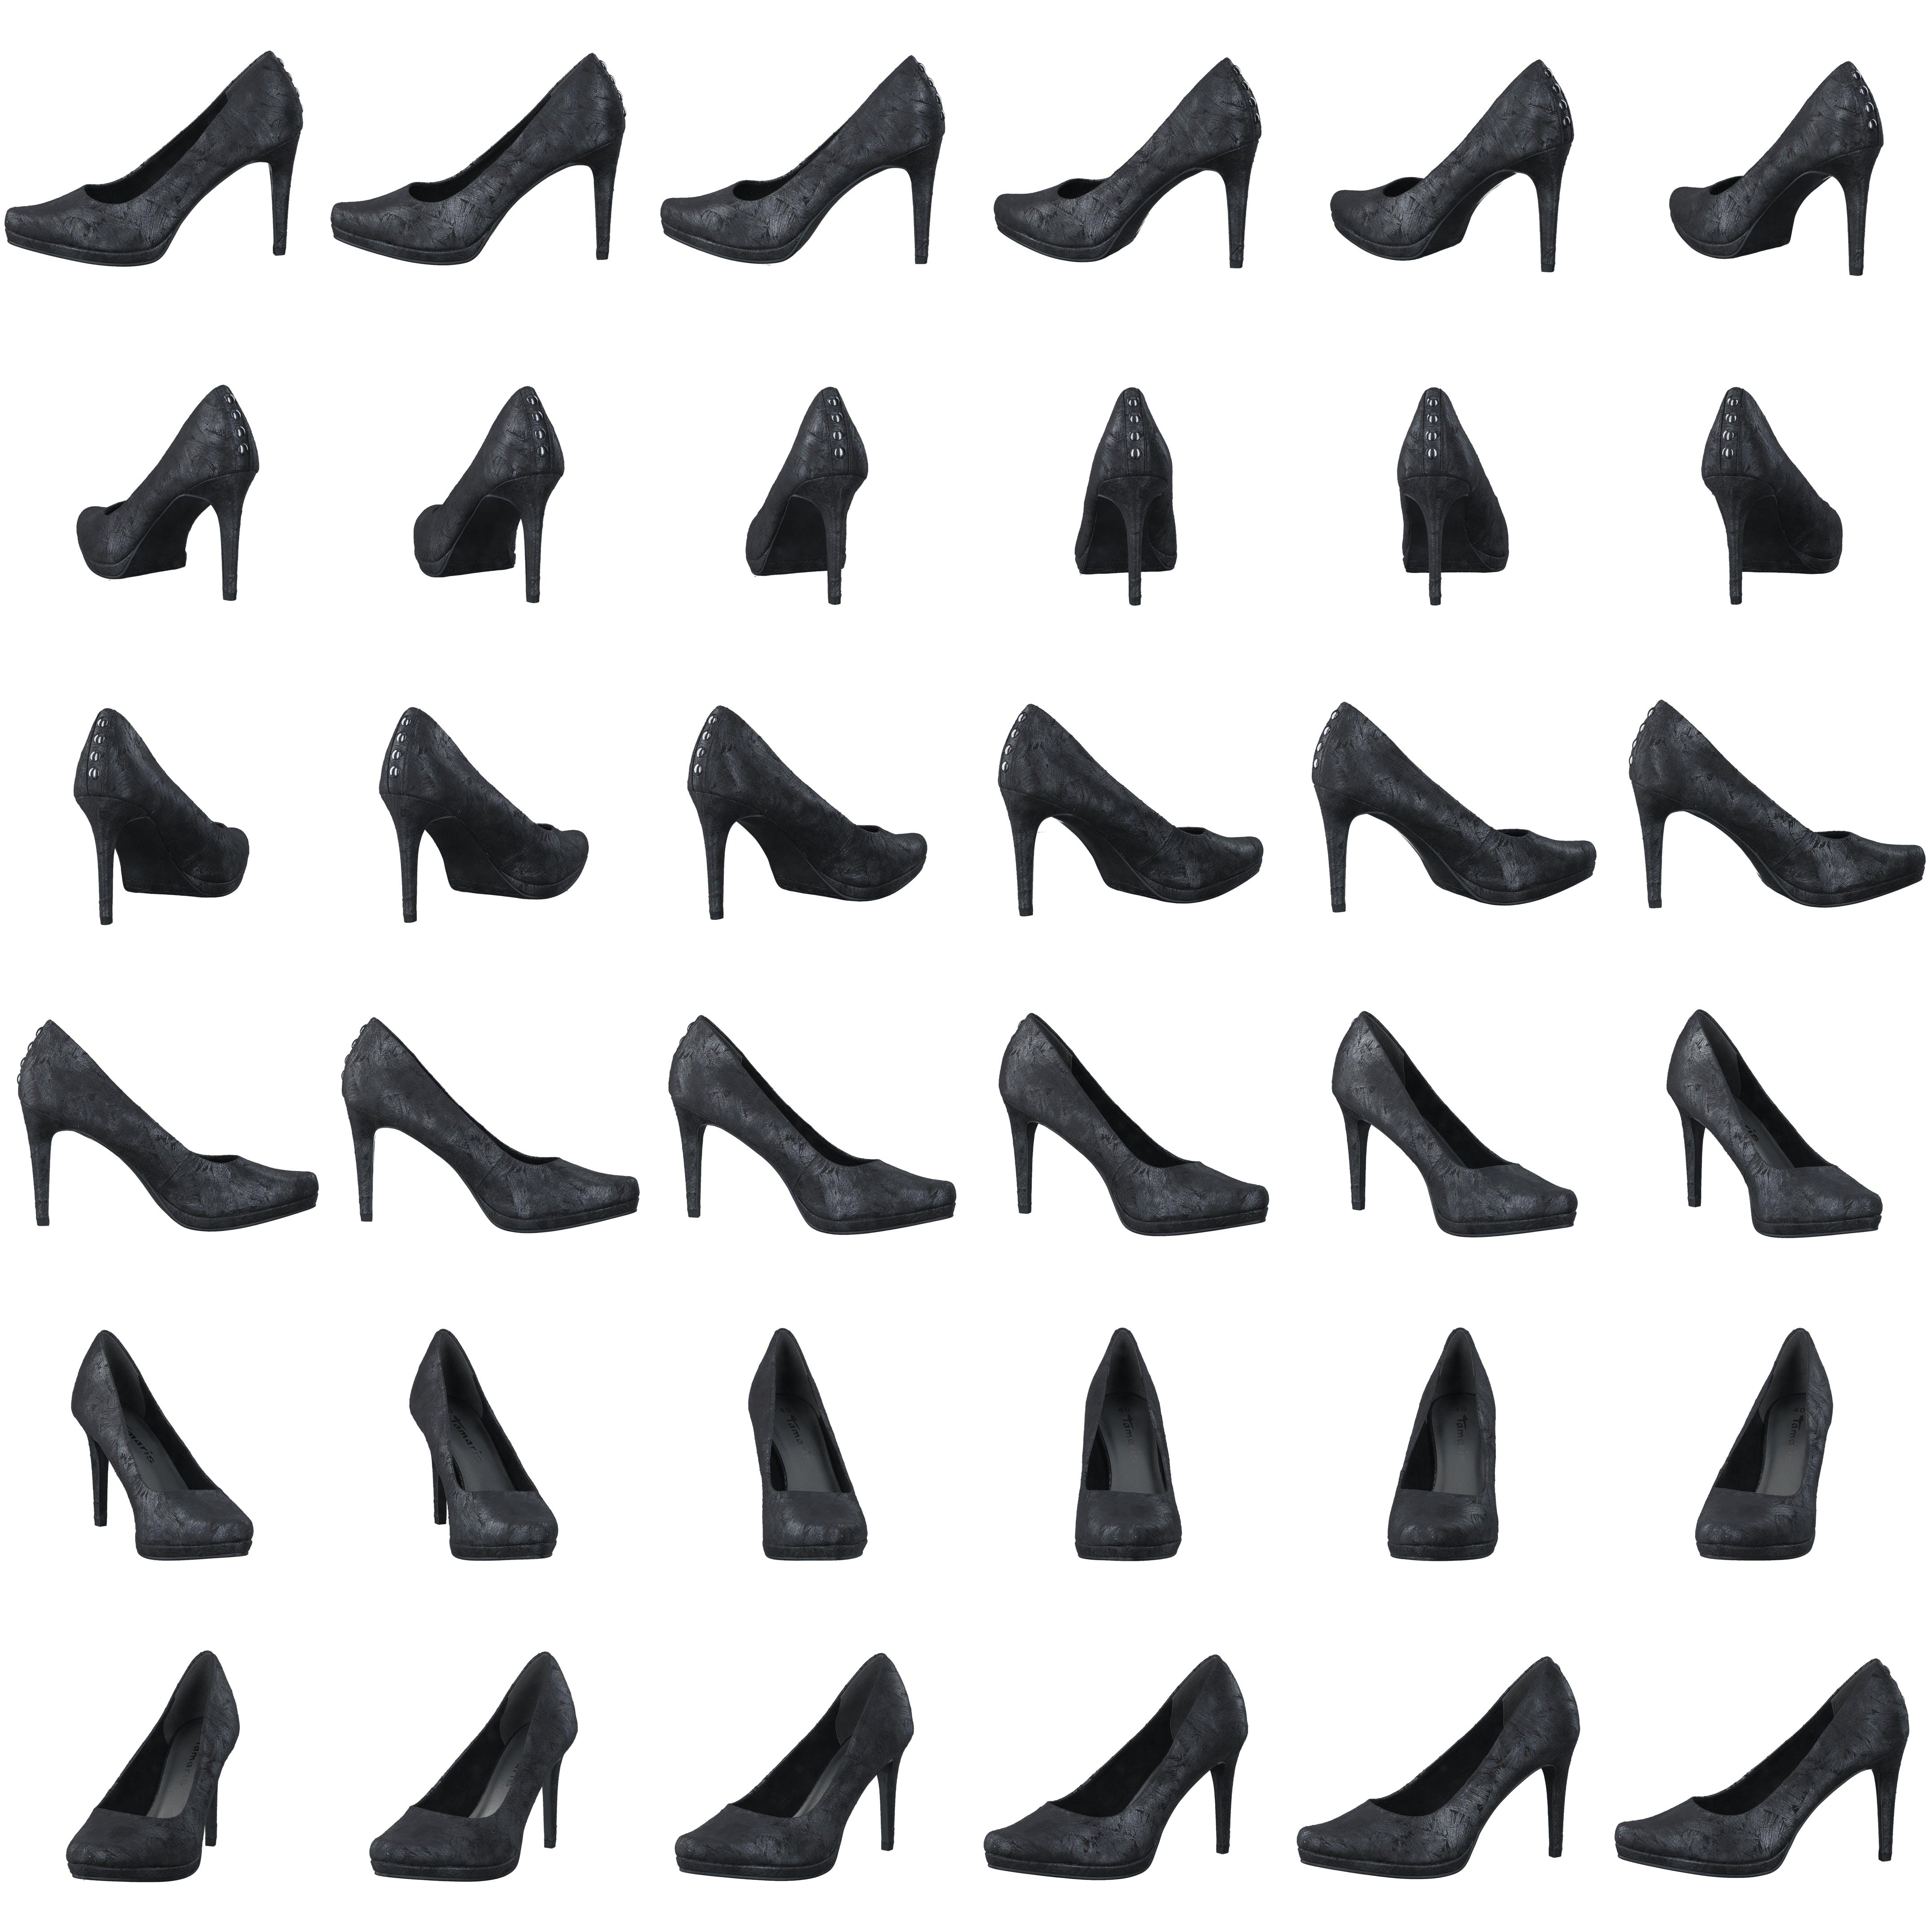 Buy Tamaris 1 1 22446 29 006 Black Shoes Online | FOOTWAY.co.uk